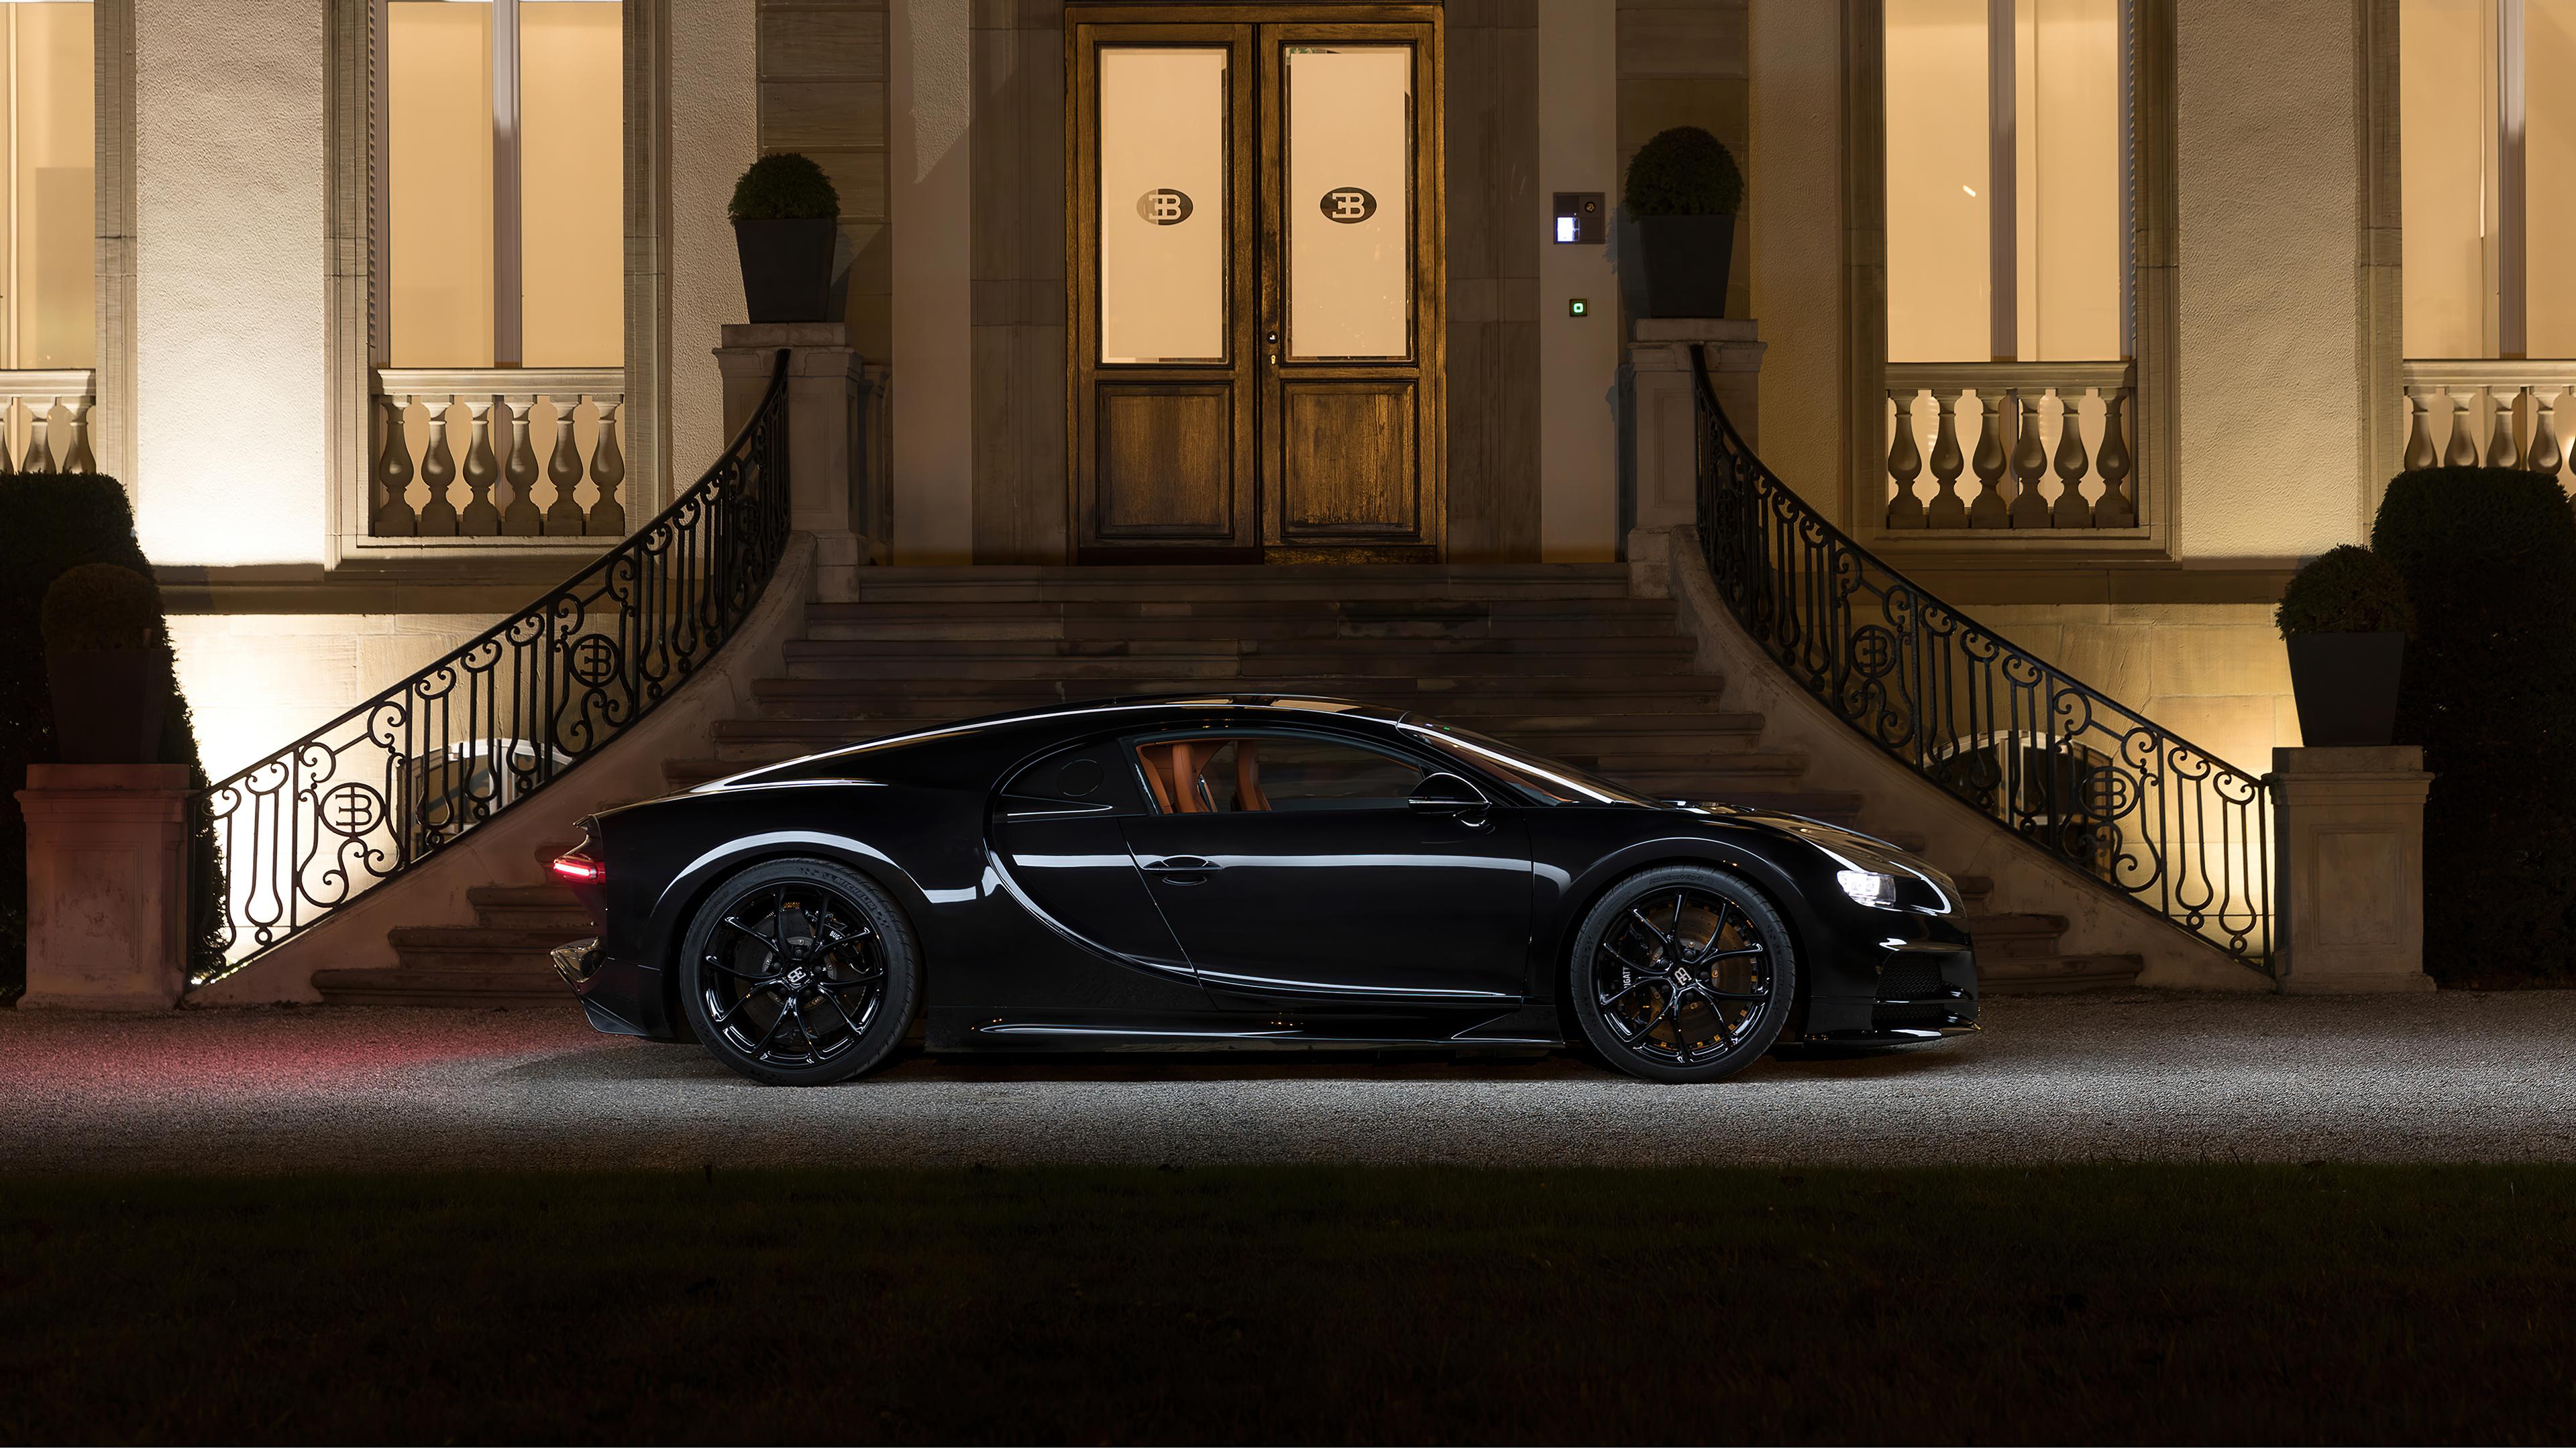 bugatti chiron 2020 4k 1608819856 - Bugatti Chiron 2020 4k - Bugatti Chiron 2020 4k wallpapers